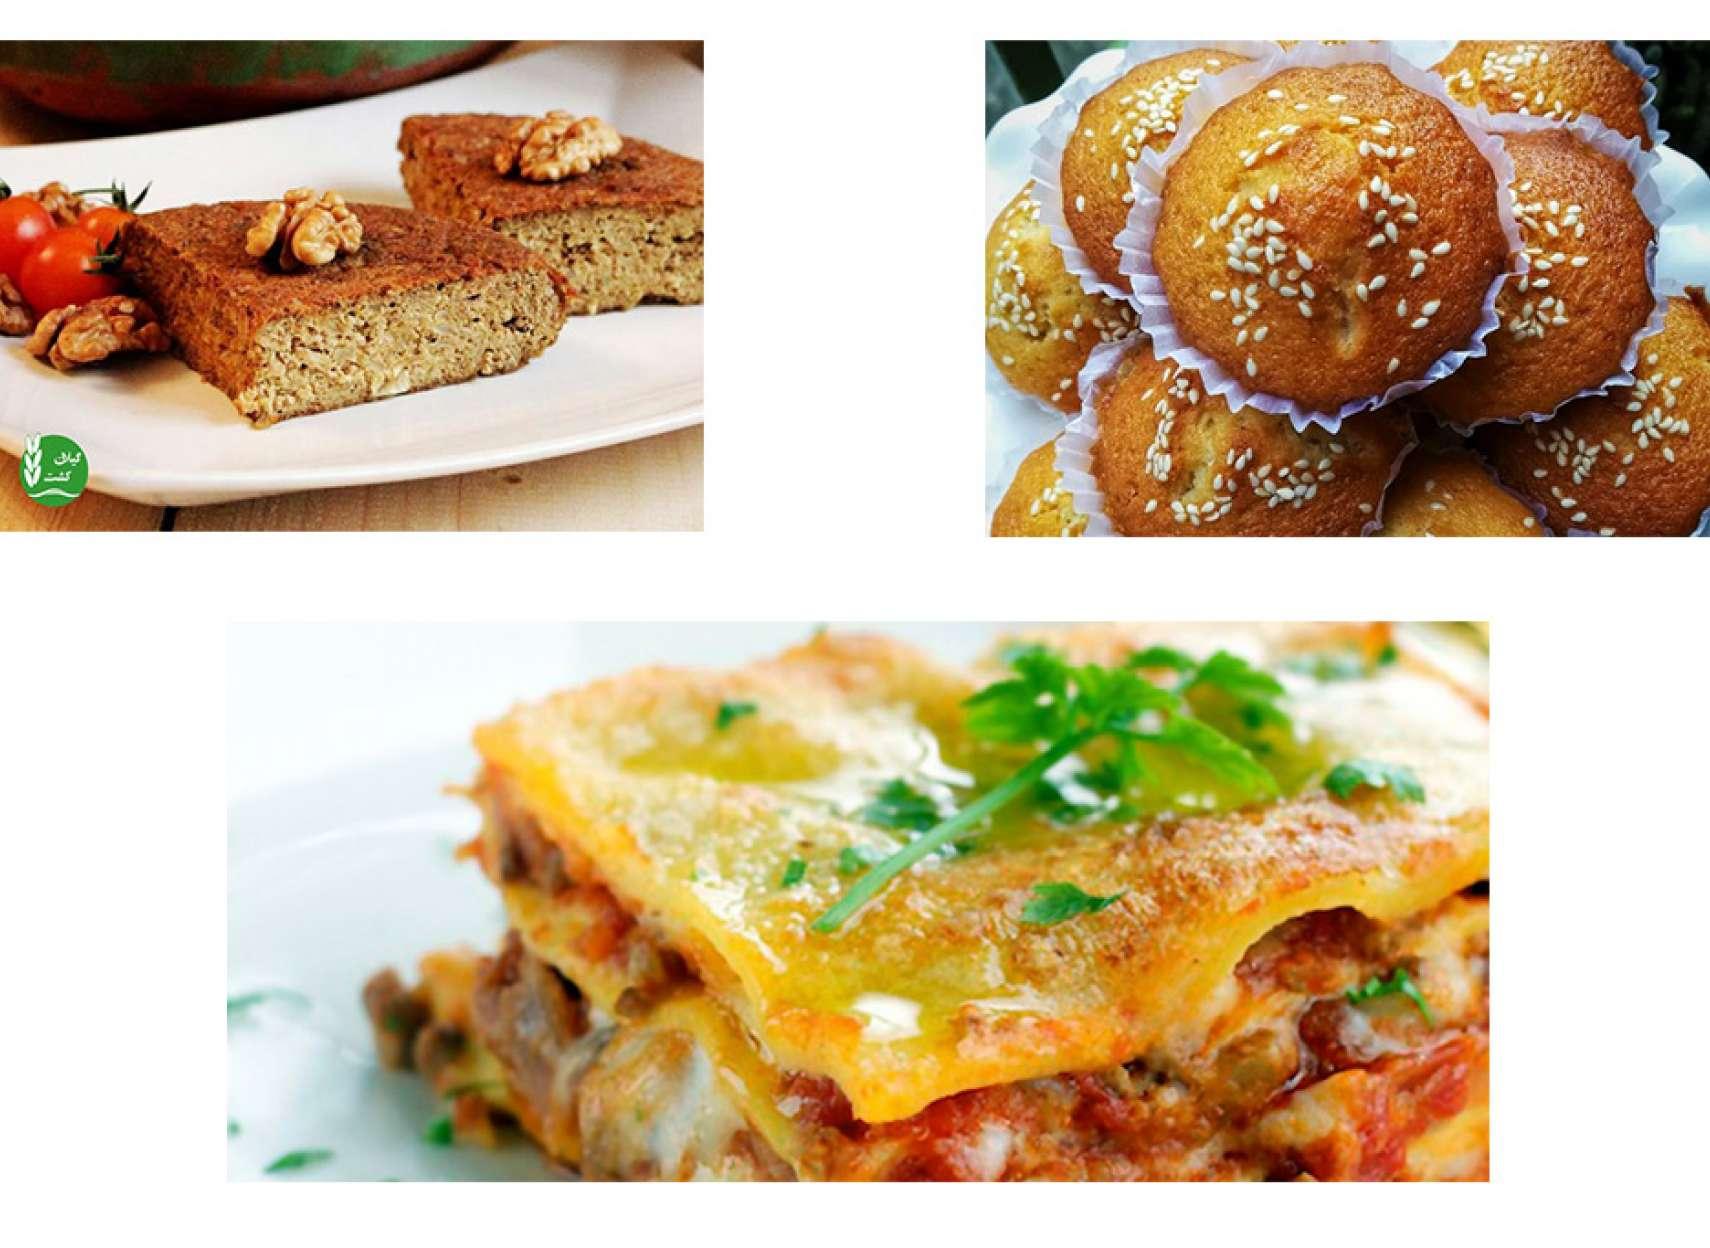 آشپزی-ترابی-شامی-مرغ-کیک-یزدی-کوکوی-گردو